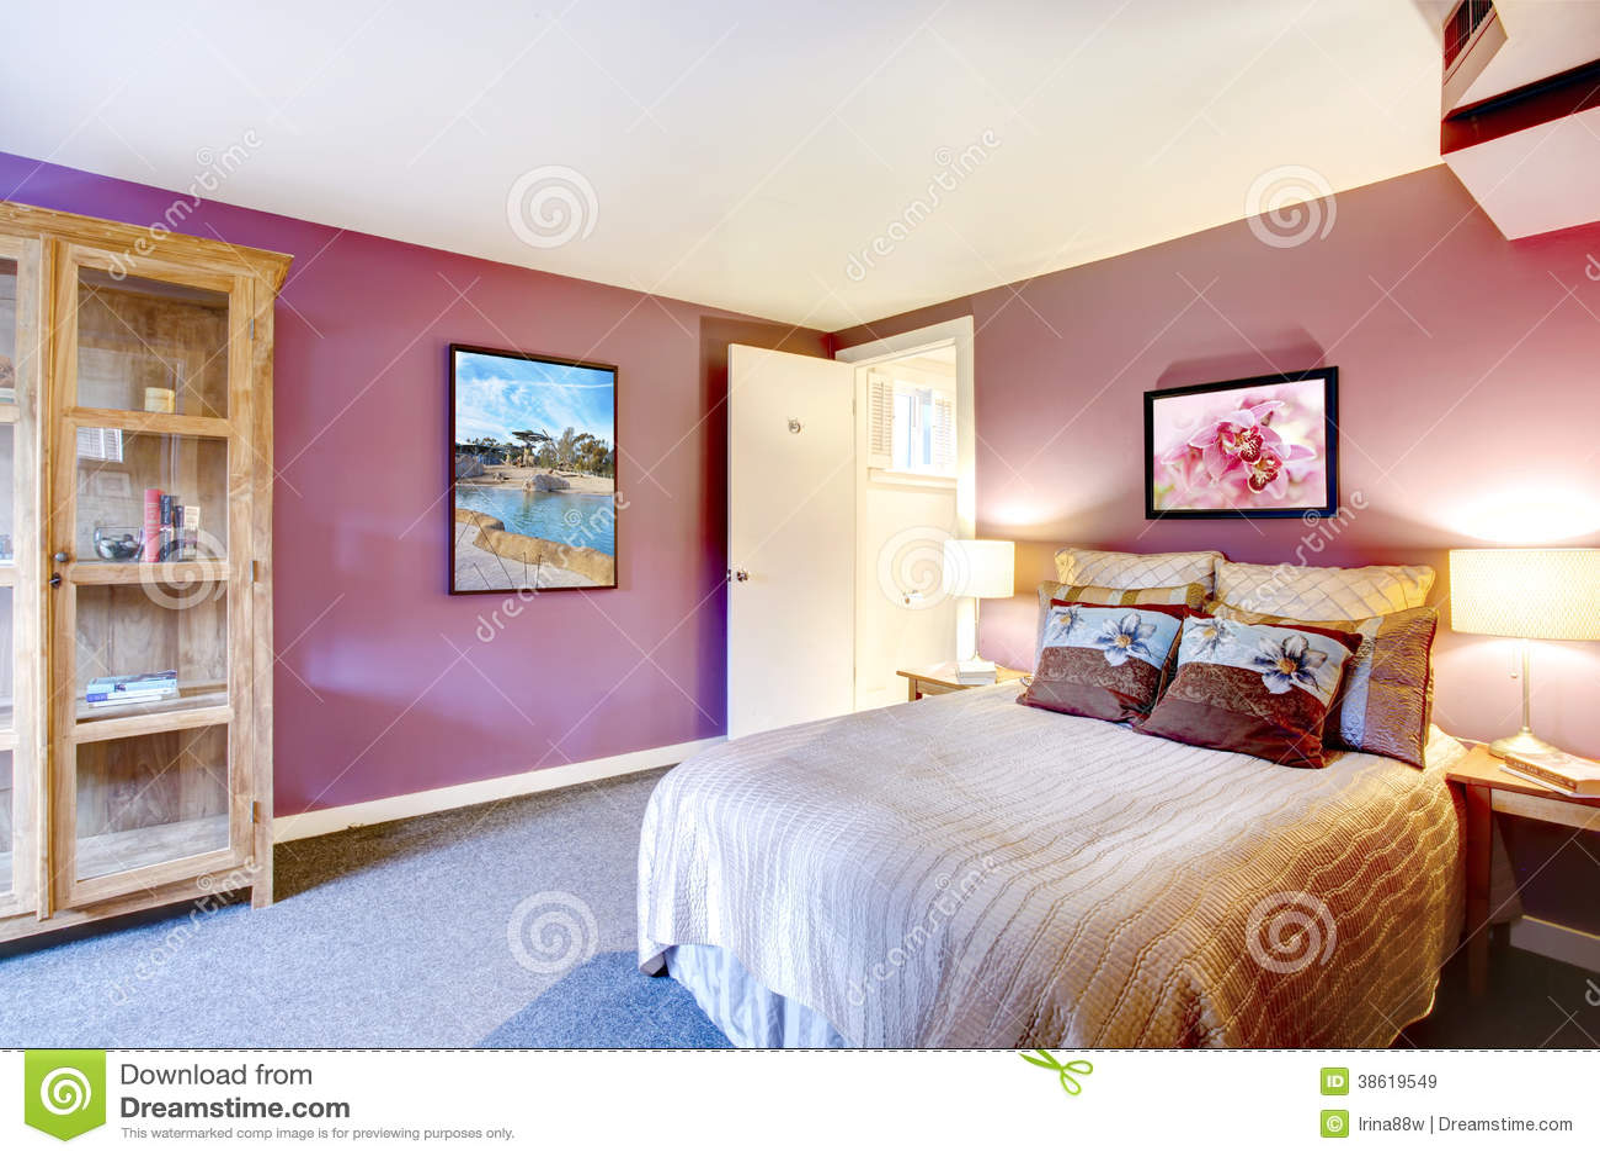 chambre coucher de couleur de contraste belle images libres de droits image 38619549. Black Bedroom Furniture Sets. Home Design Ideas